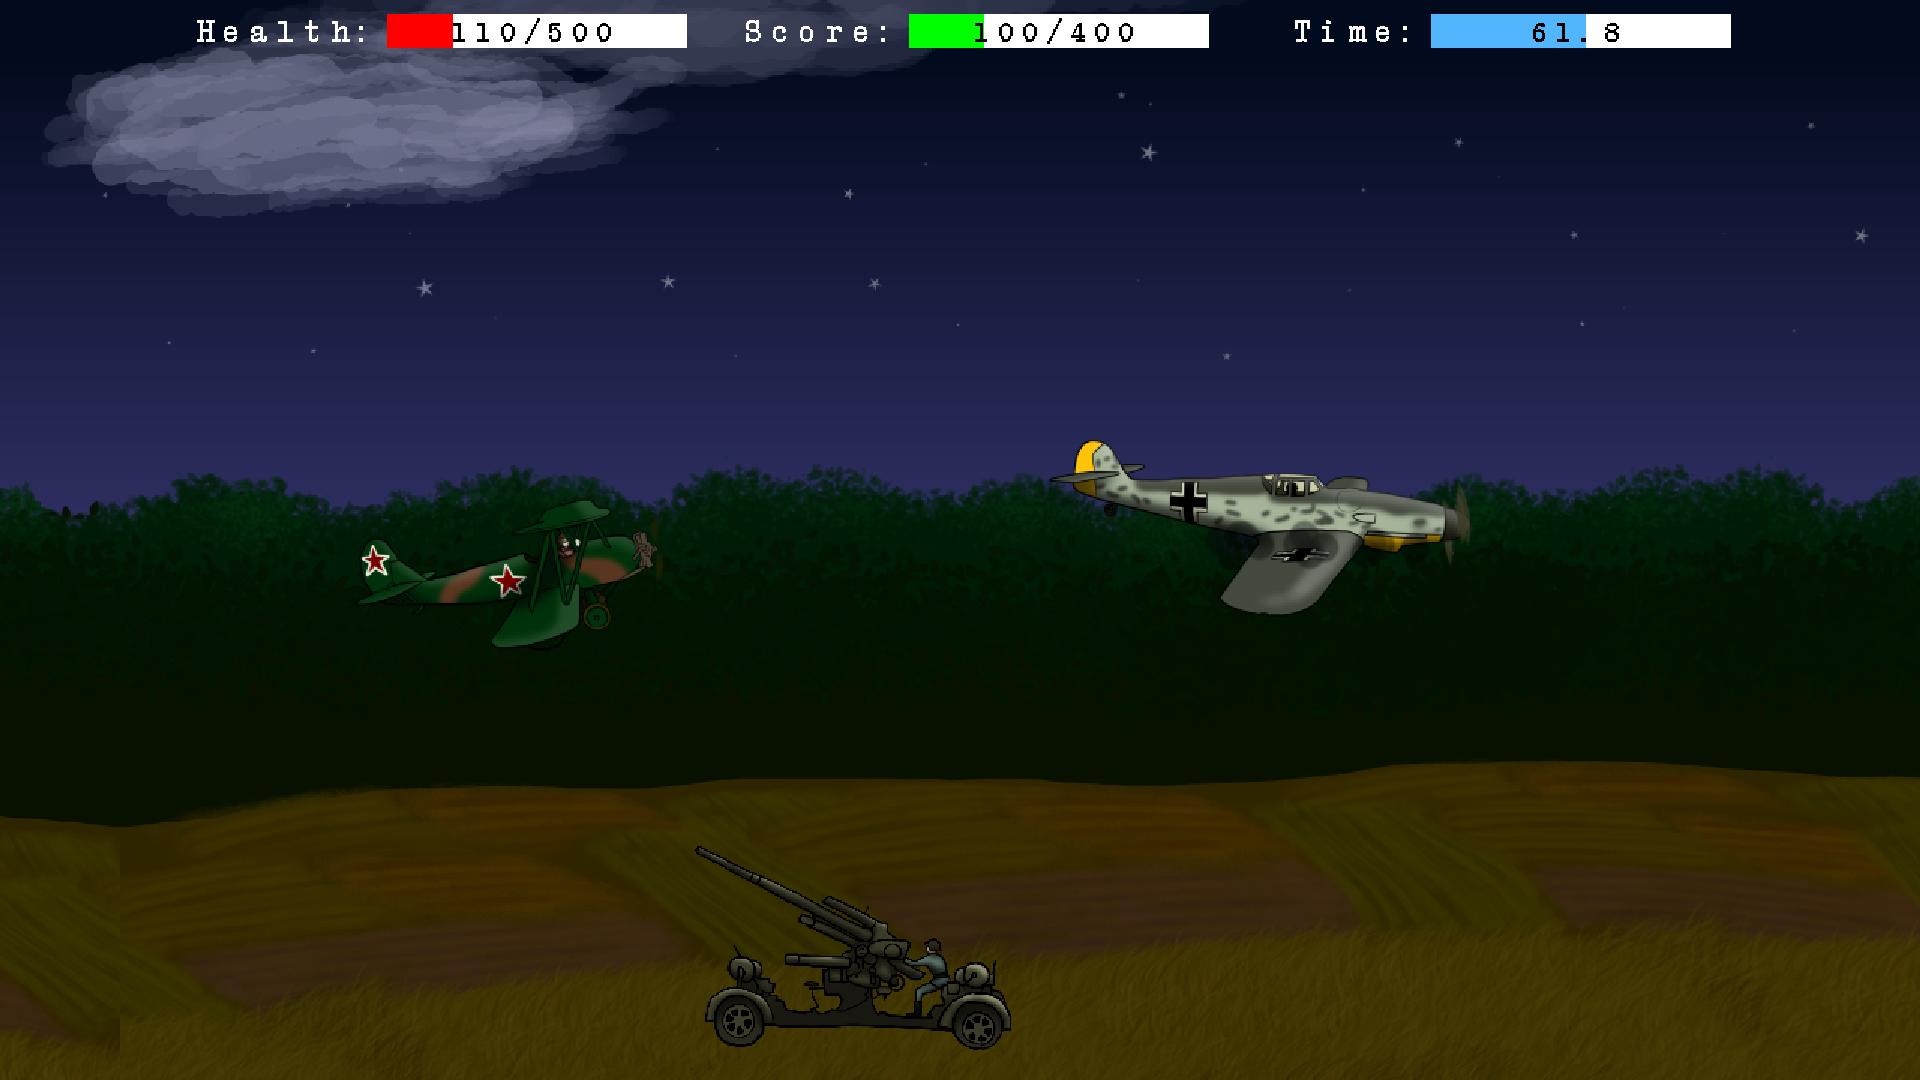 Screenshot 2 of Night Witch width=